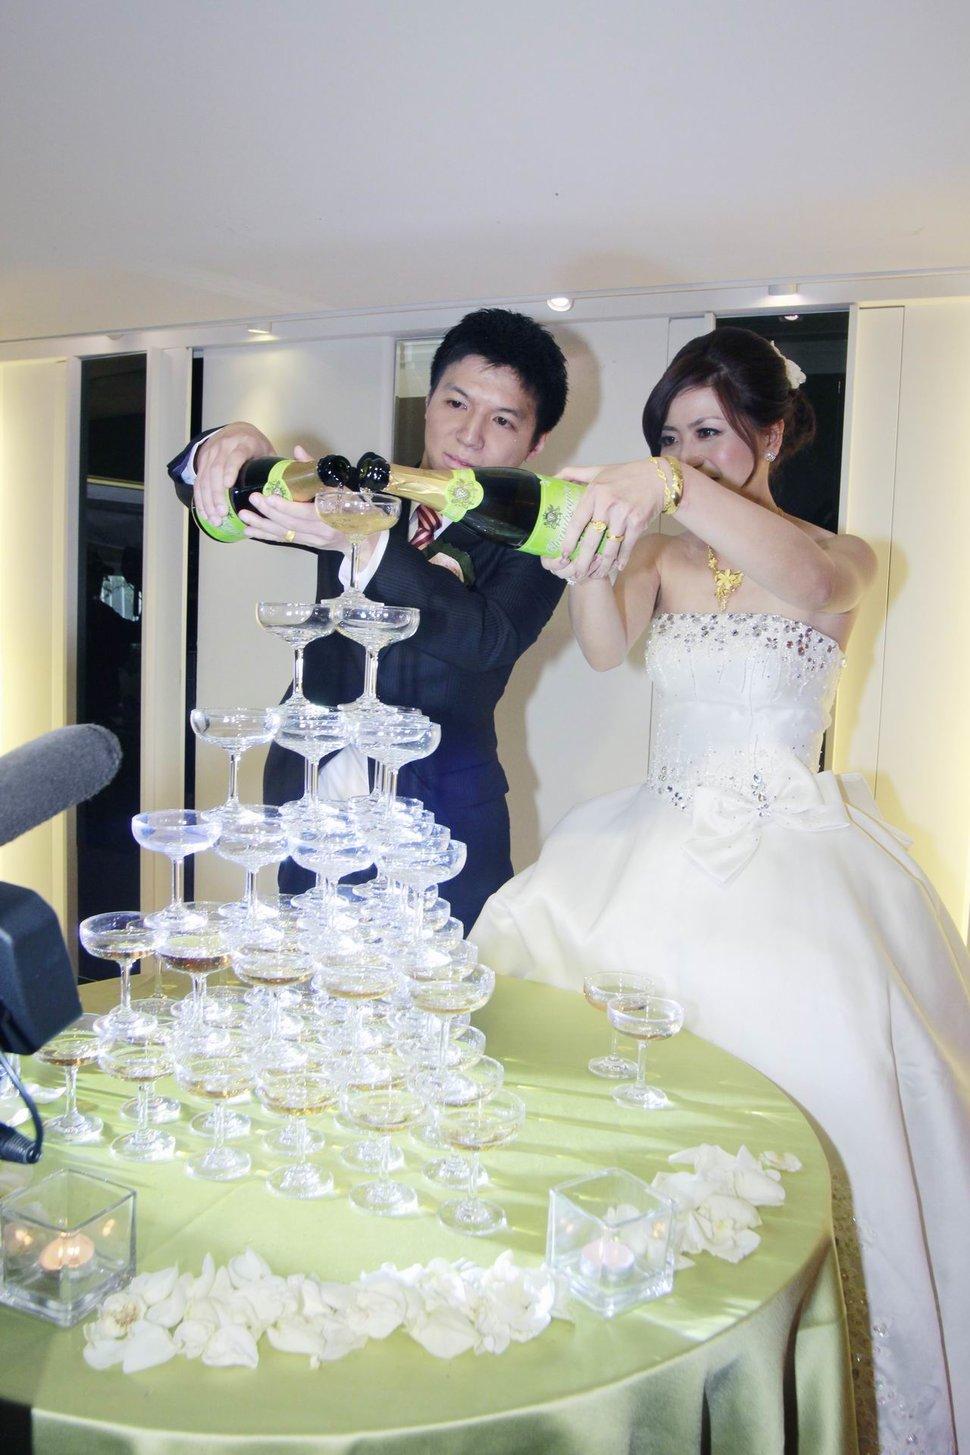 青青食尚花園會館婚禮記錄結婚迎娶婚禮記錄動態微電影錄影專業錄影平面攝影婚紗攝攝影婚禮主持人(編號:196771) - 蜜月拍照10800錄影12800攝影團隊 - 結婚吧